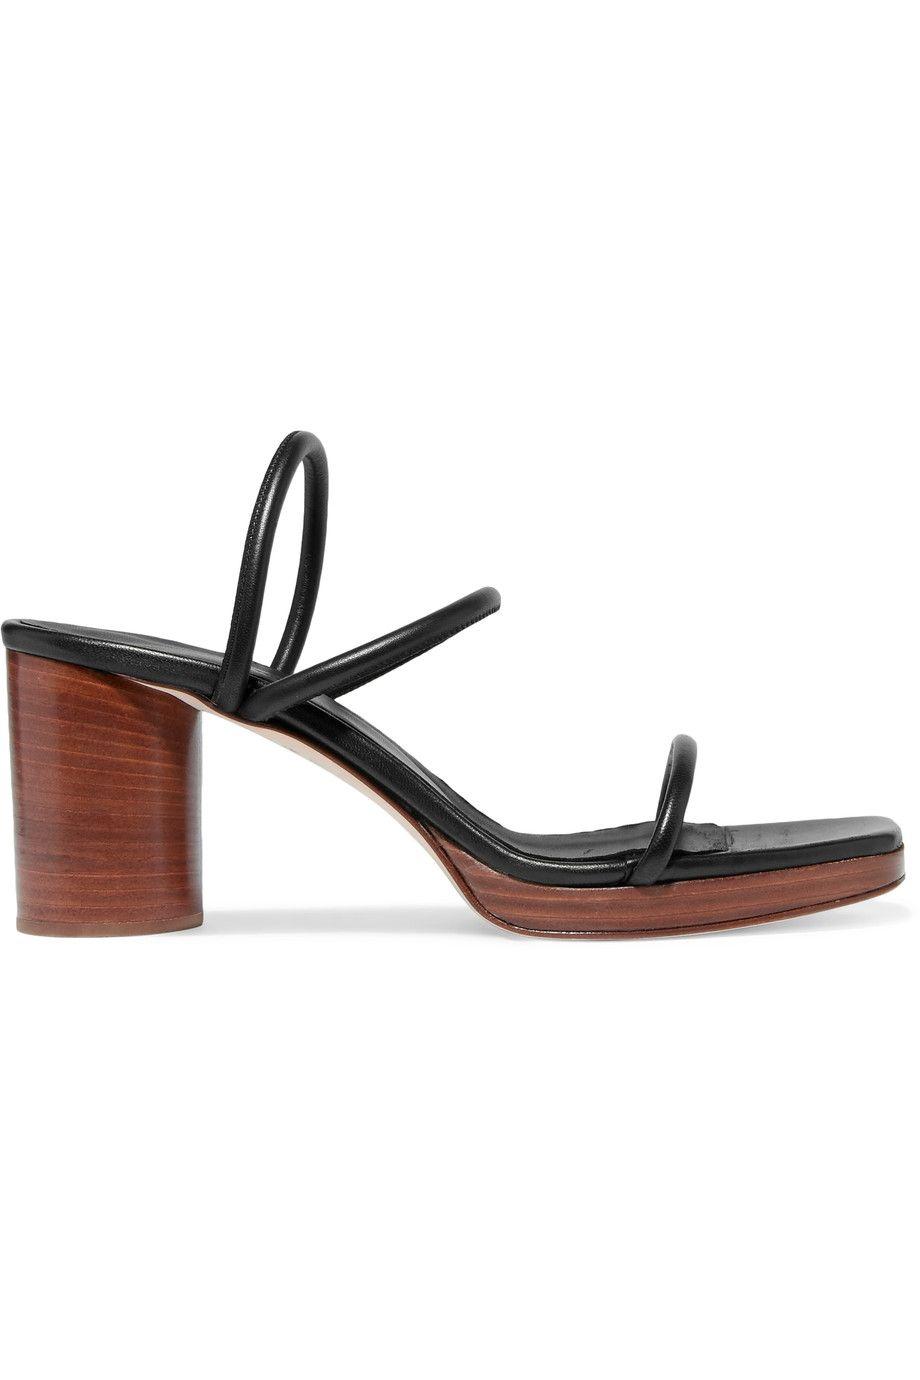 Chaussures - Sandales Post Orteils Barbara Barbieri 9lCdsuN